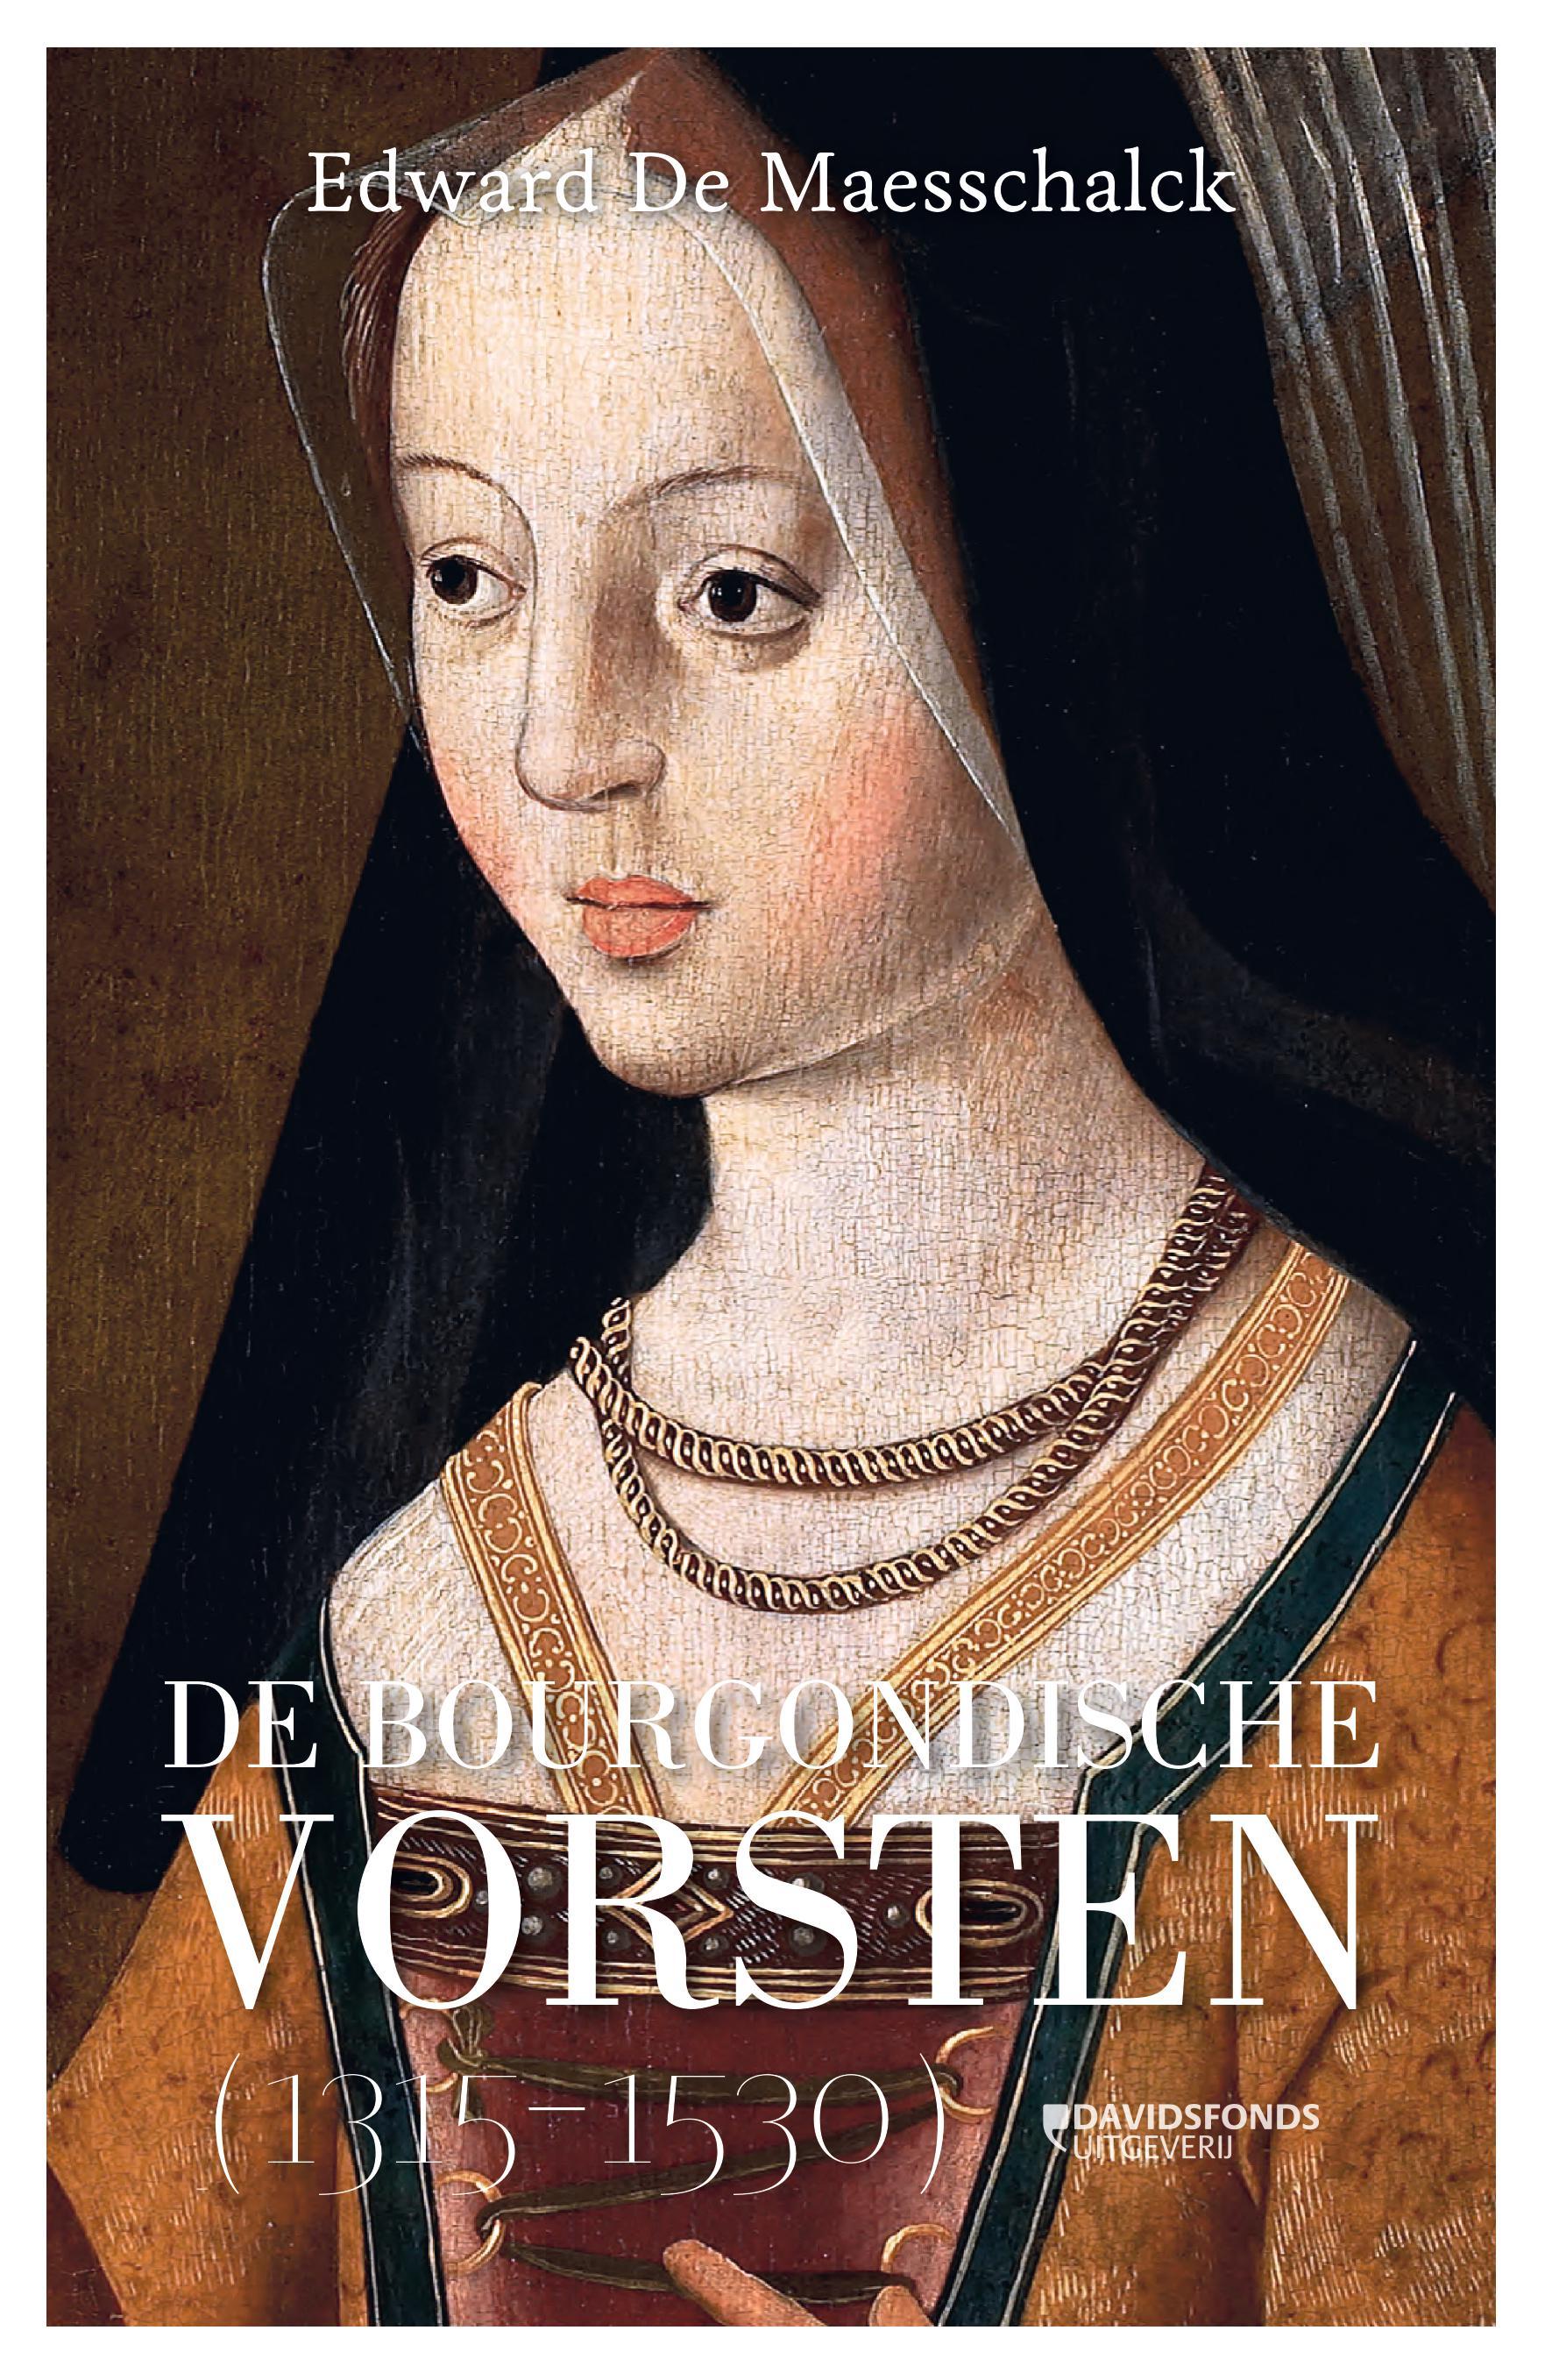 De Bourgondische vorsten (1315-1530)